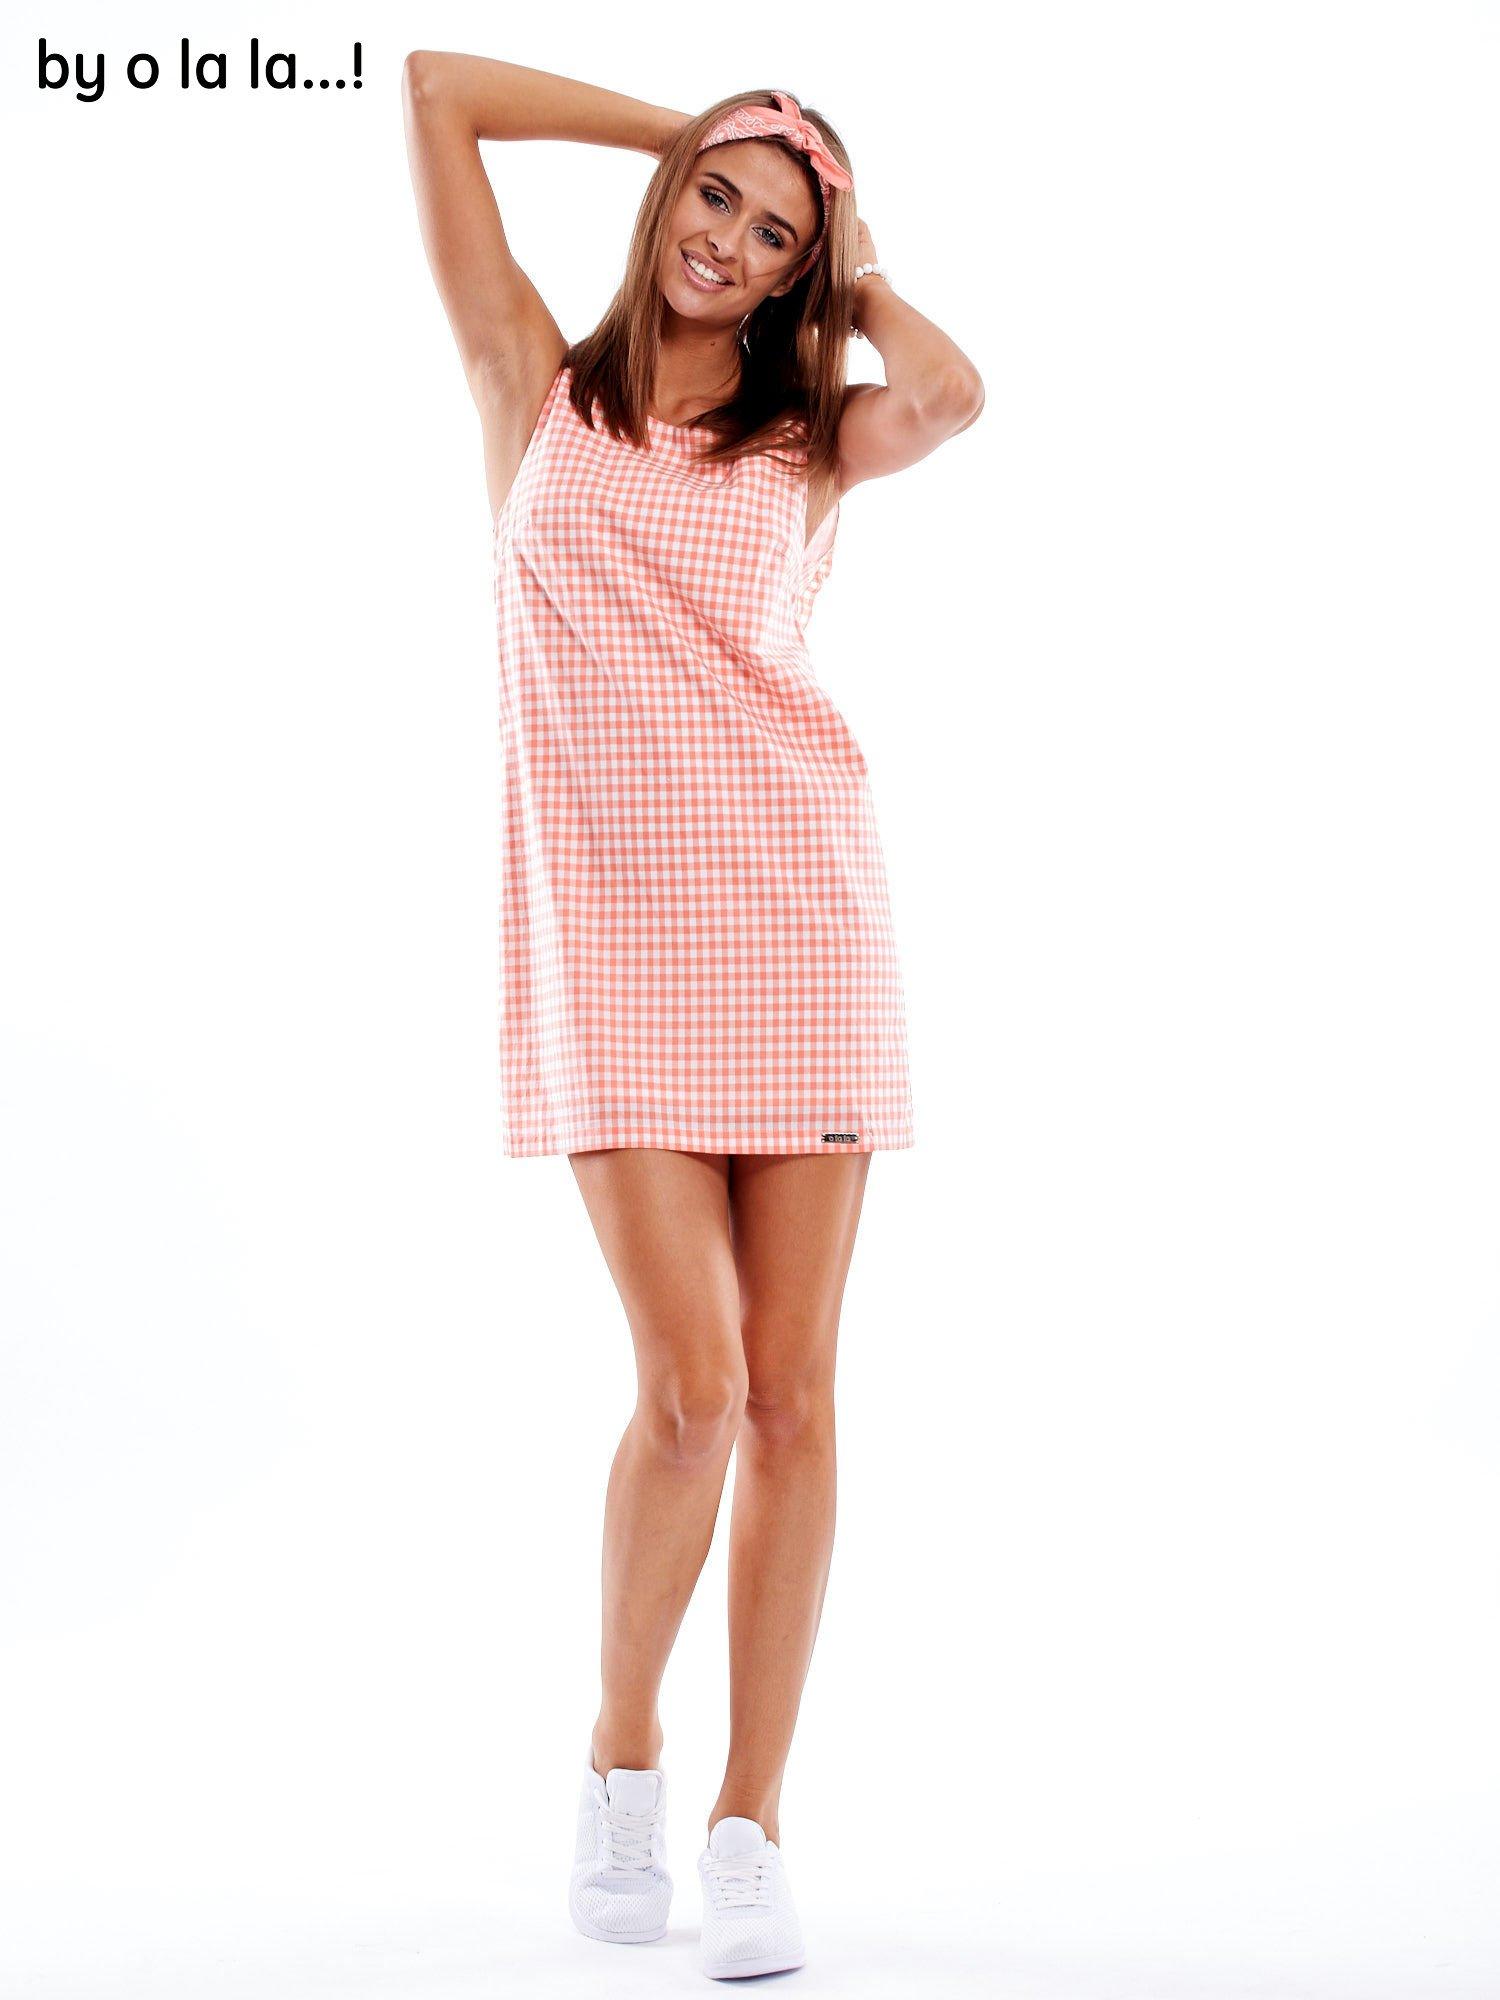 28a2637705 6 · Koralowa sukienka w kratkę z dekoltem na plecach BY O LA LA ...